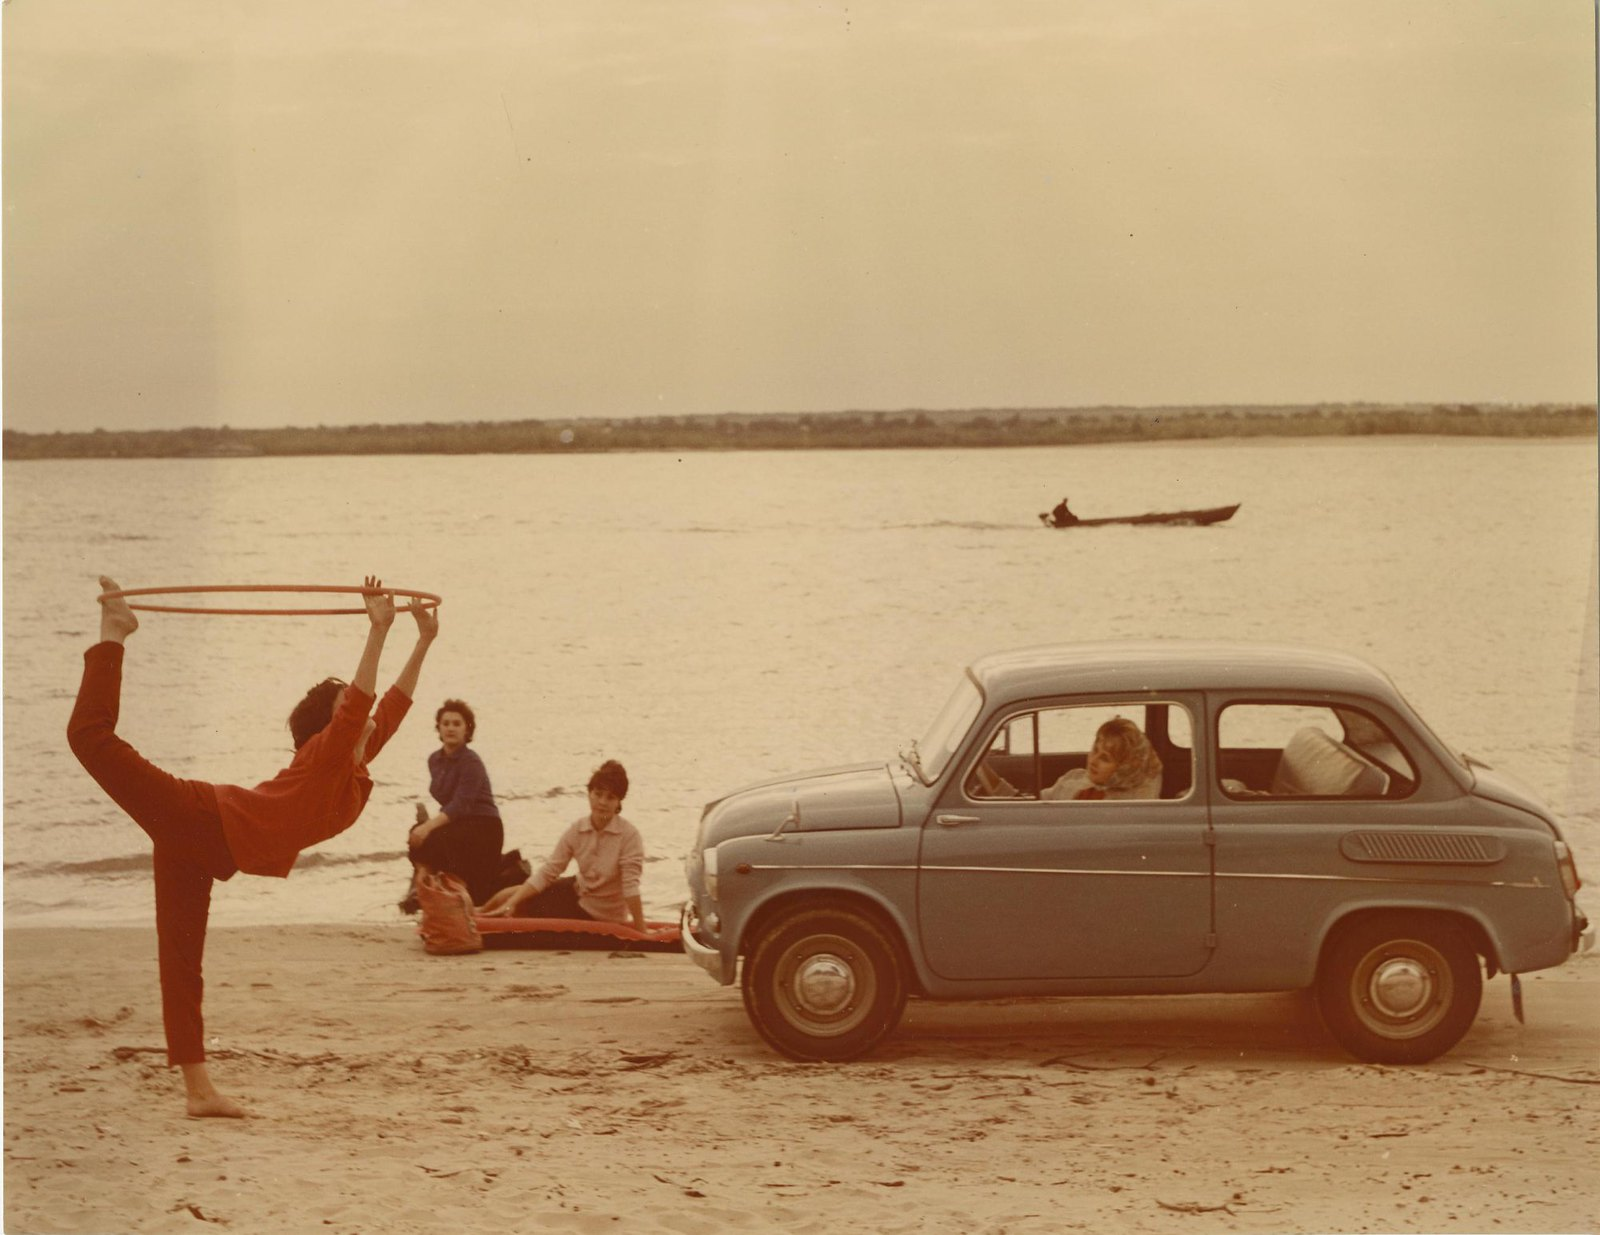 Реклама автомобиля ЗАЗ-965 («Запорожец»).